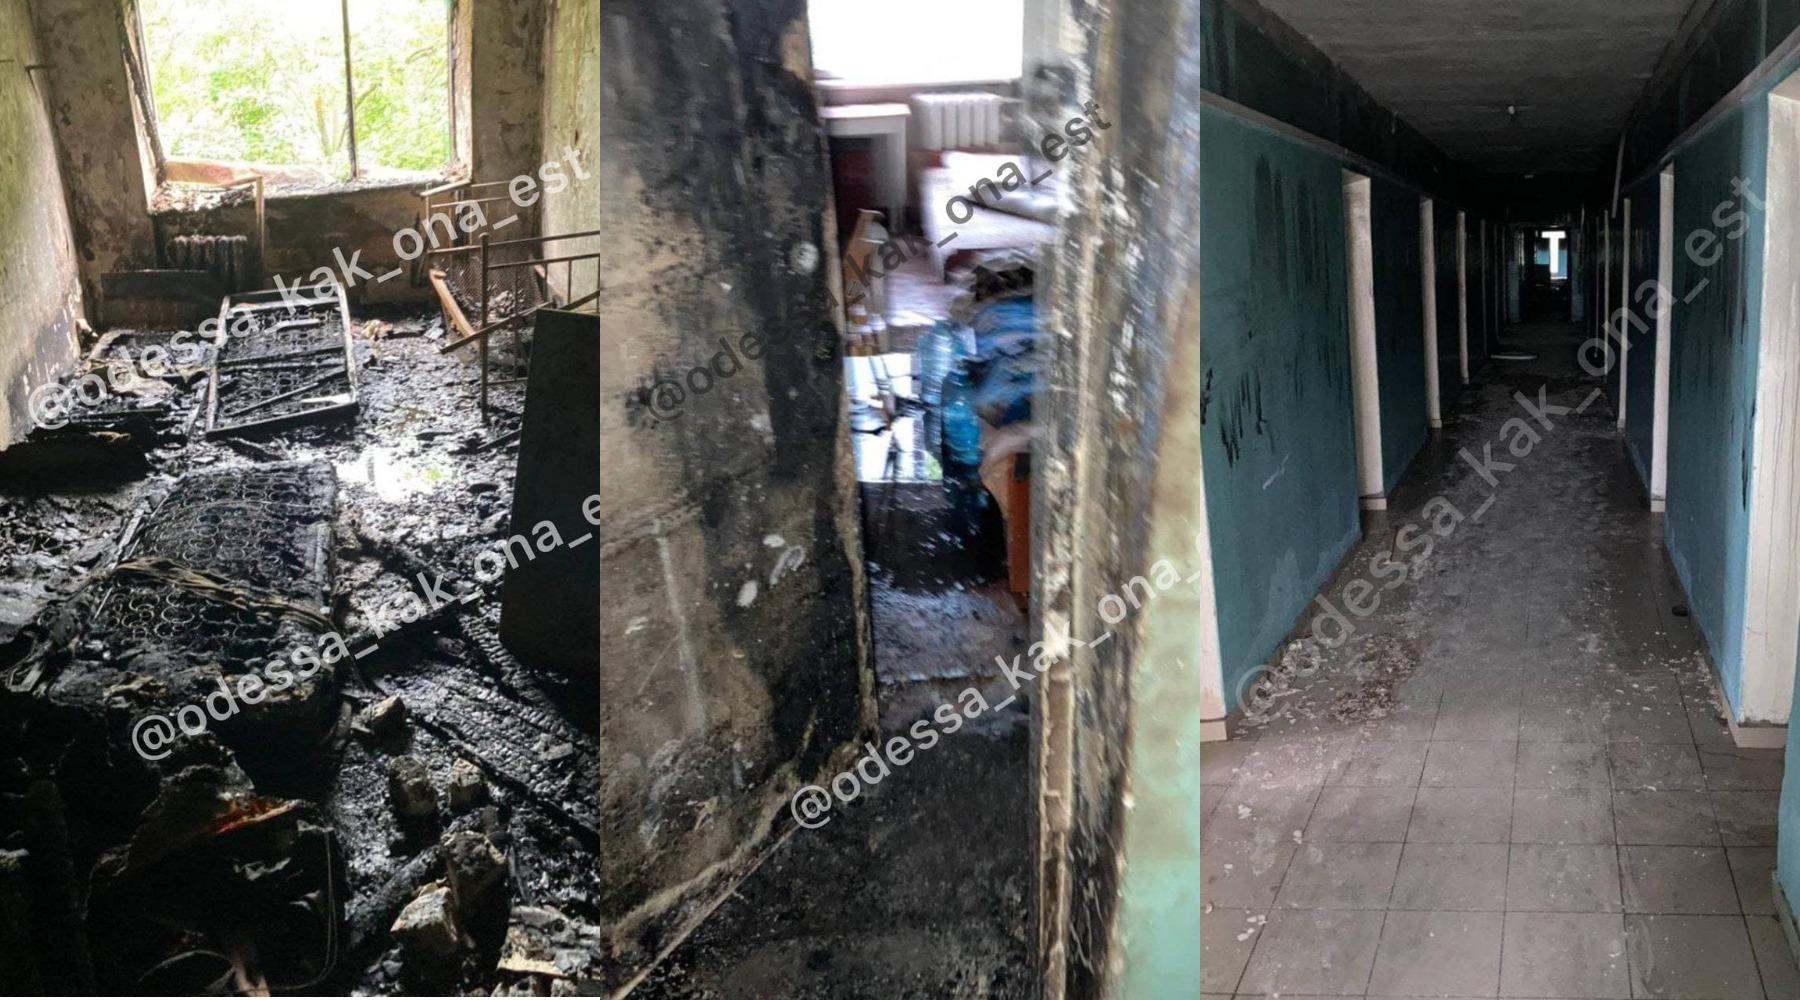 """Пожар в общежитии Медина: как выглядит сгоревшая комната и в каком состоянии пострадавший. Фото: телеграм-канал """"Одесса как она есть"""""""